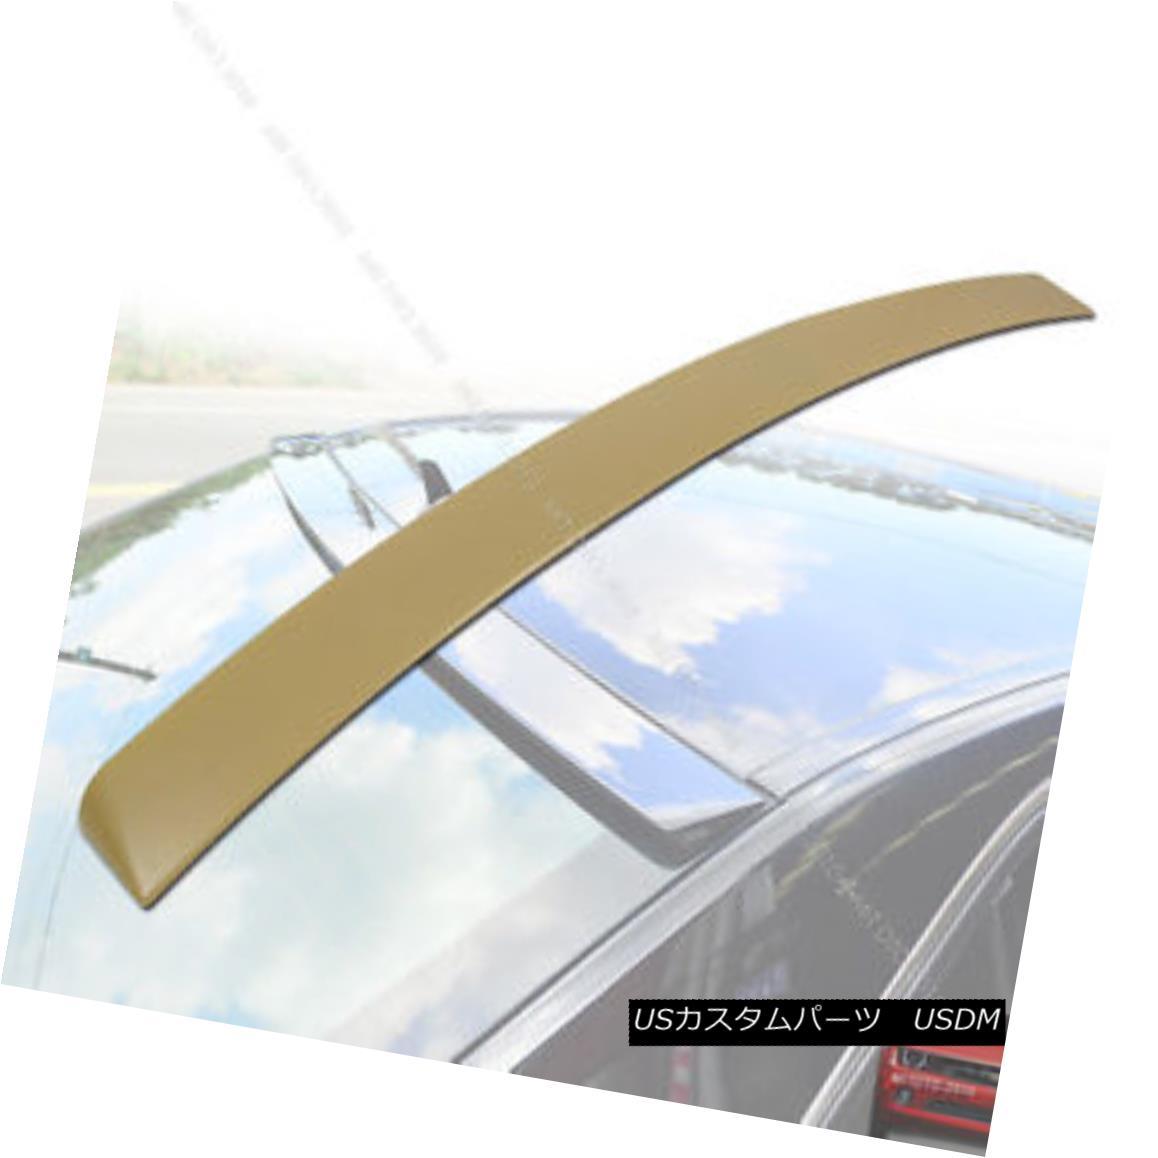 エアロパーツ Mercedes W212 E-Class OE Type Window Roof Spoiler 2010-2016 ABS メルセデスW212 EクラスOEタイプ窓ルーフスポイラー2010-2016 ABS